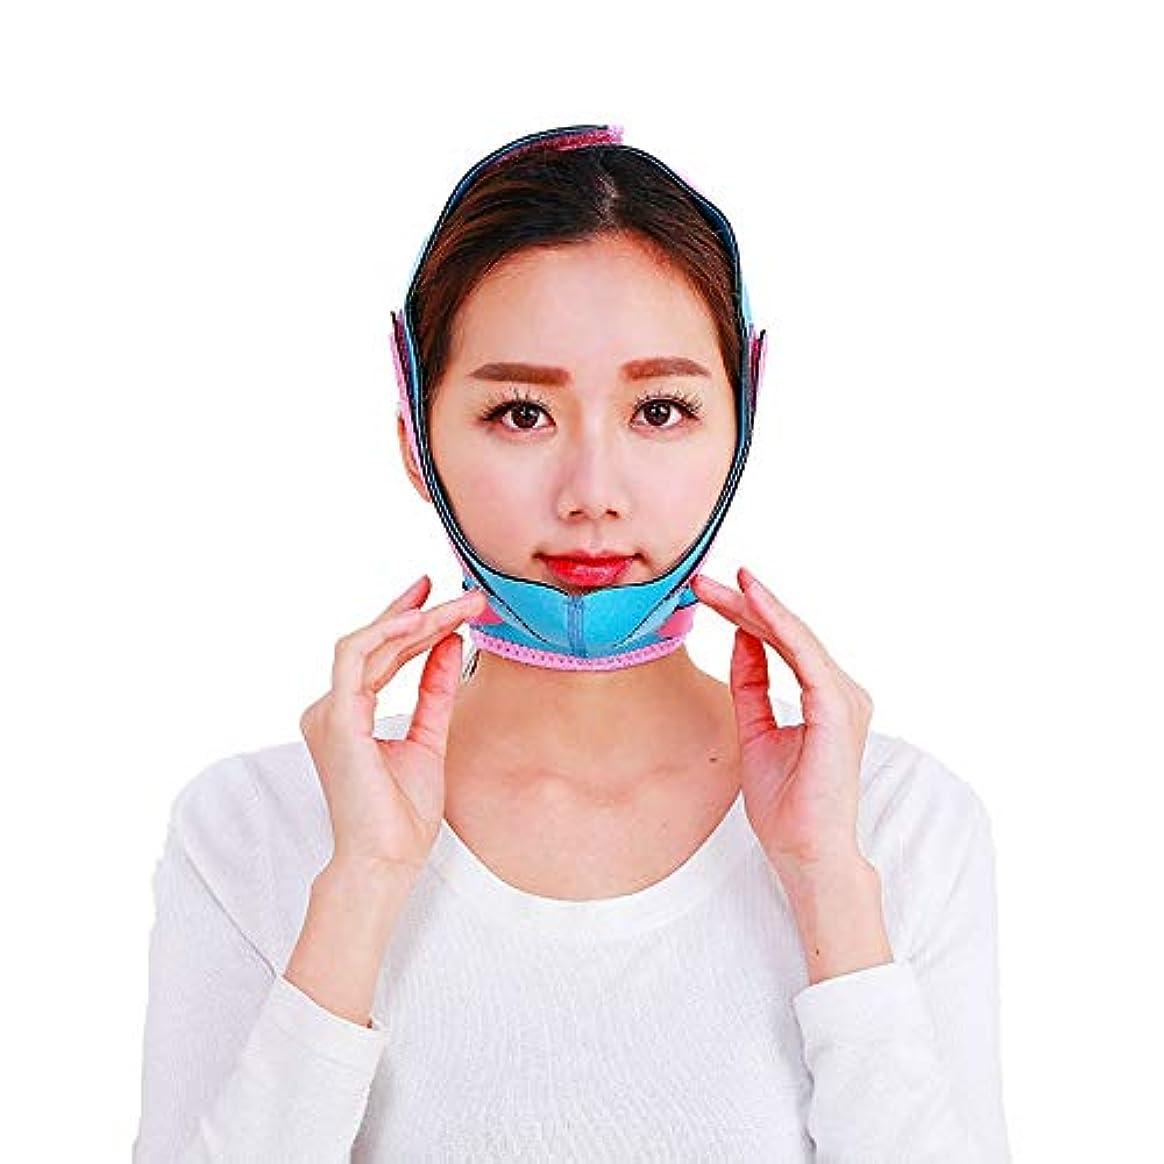 またはどちらか連続的ブーストJia Jia- フェイスマスクマスクスリムマスクリフティングコンターリリーフドループマッスル引き締め肌弾性Vフェイス包帯 顔面包帯